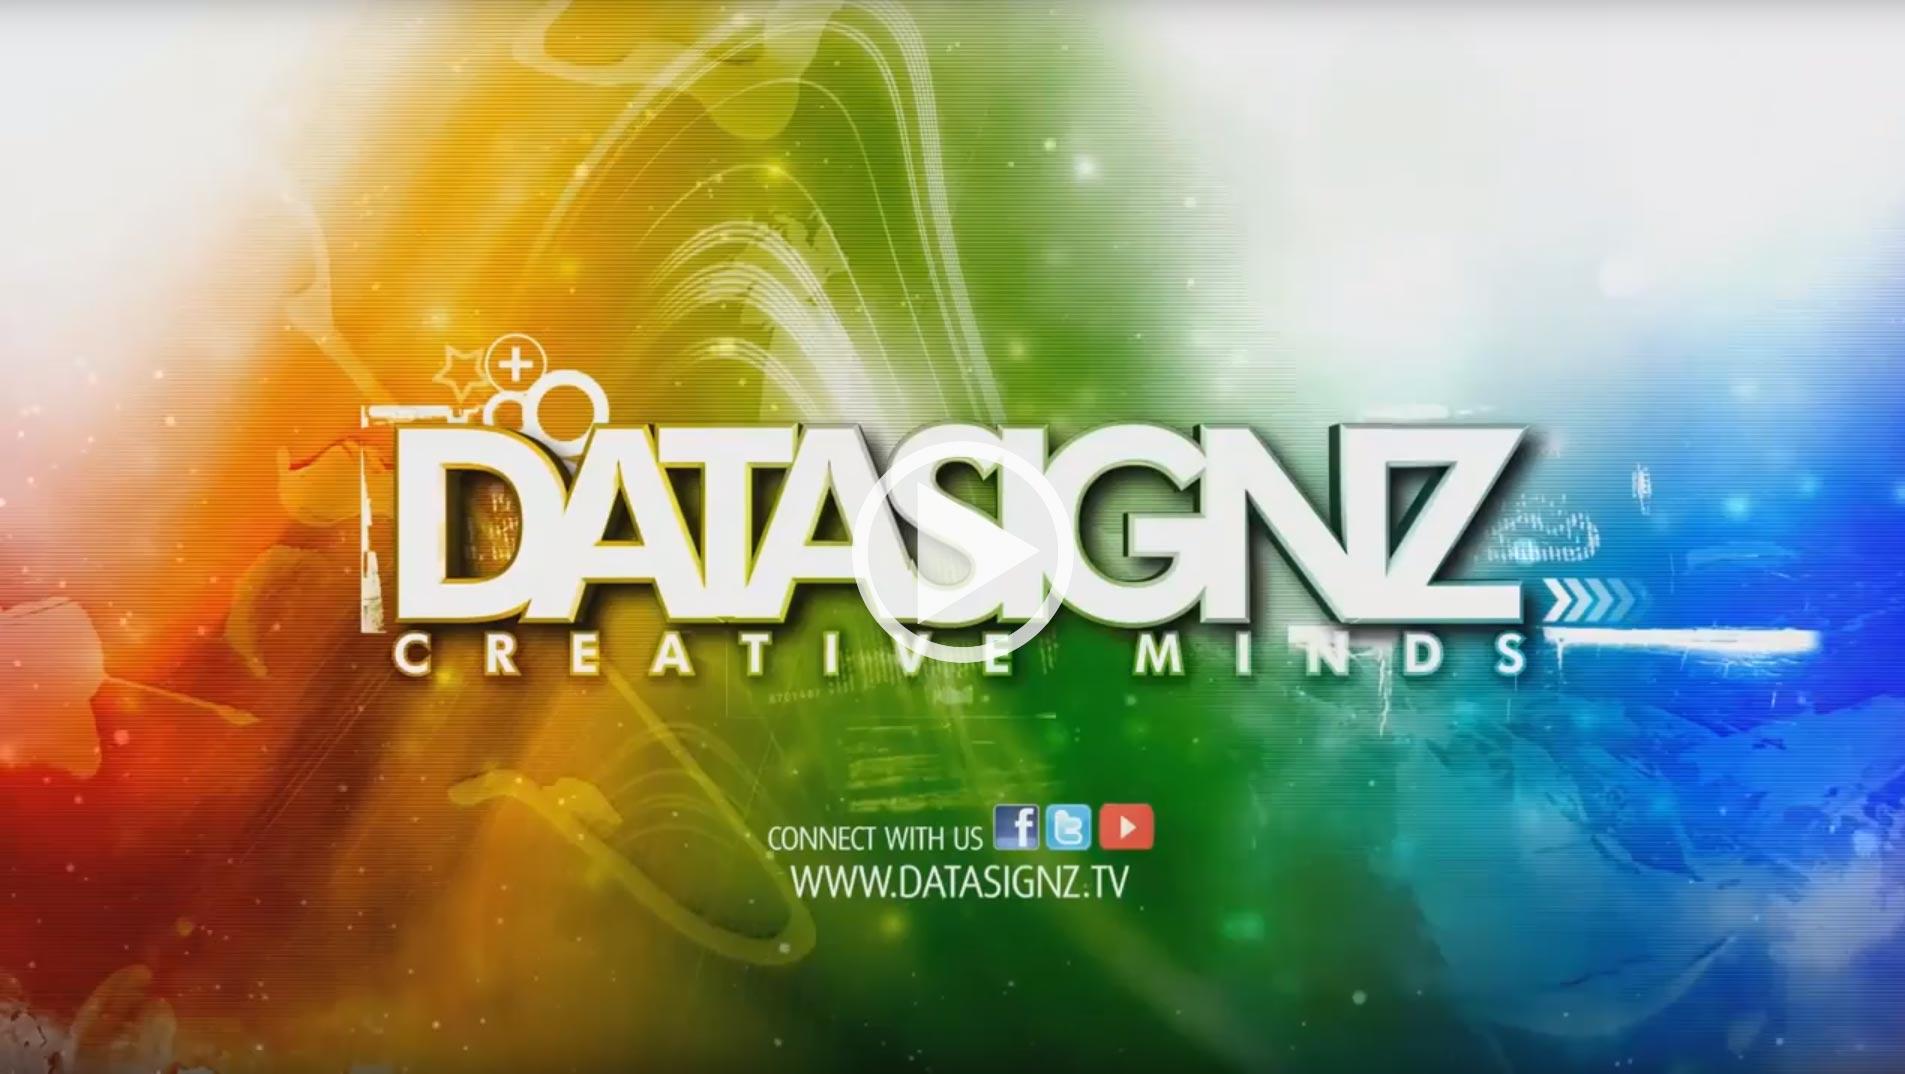 Datasignz